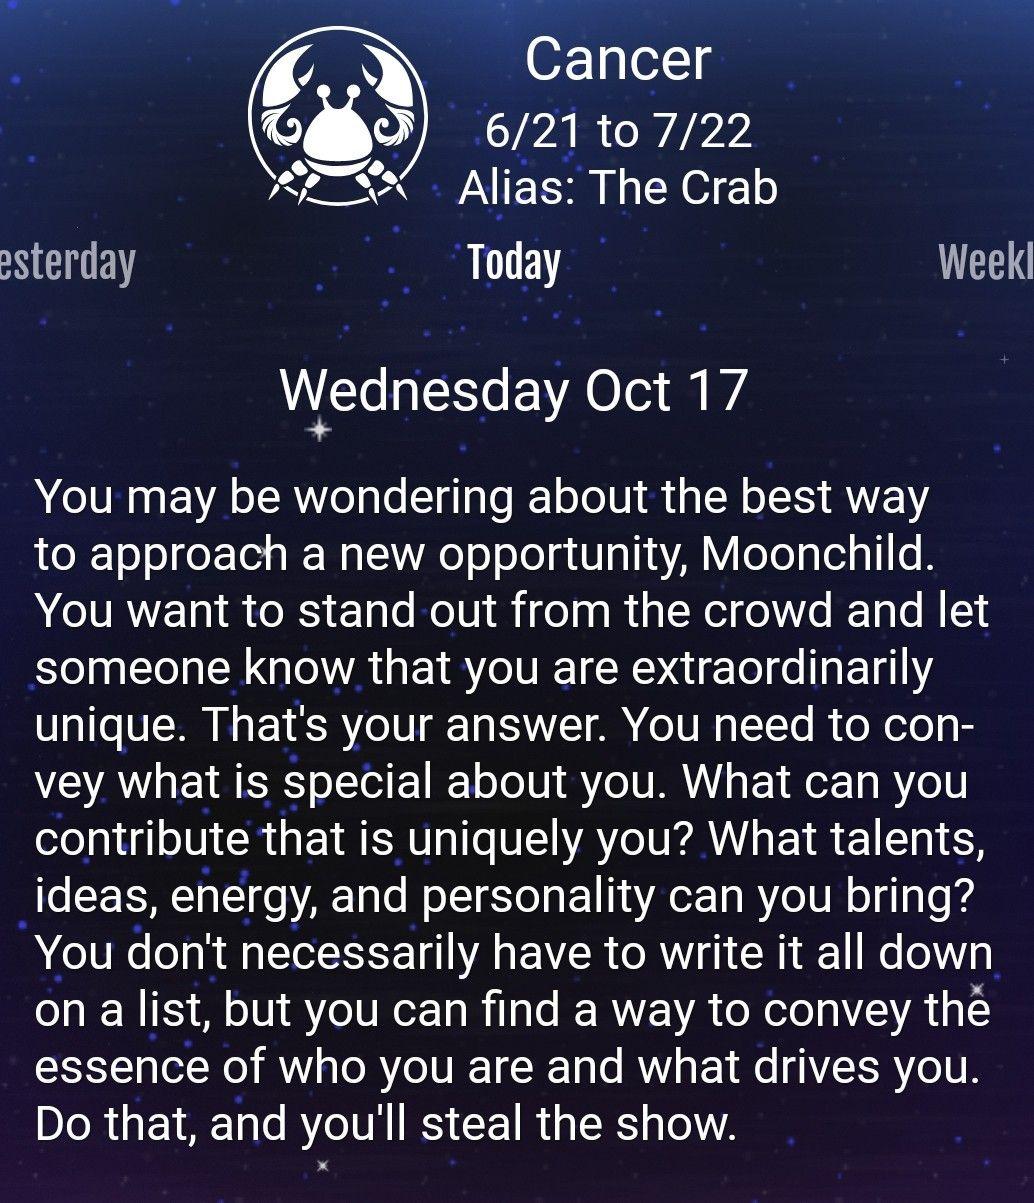 More Horoscopes for Cancer